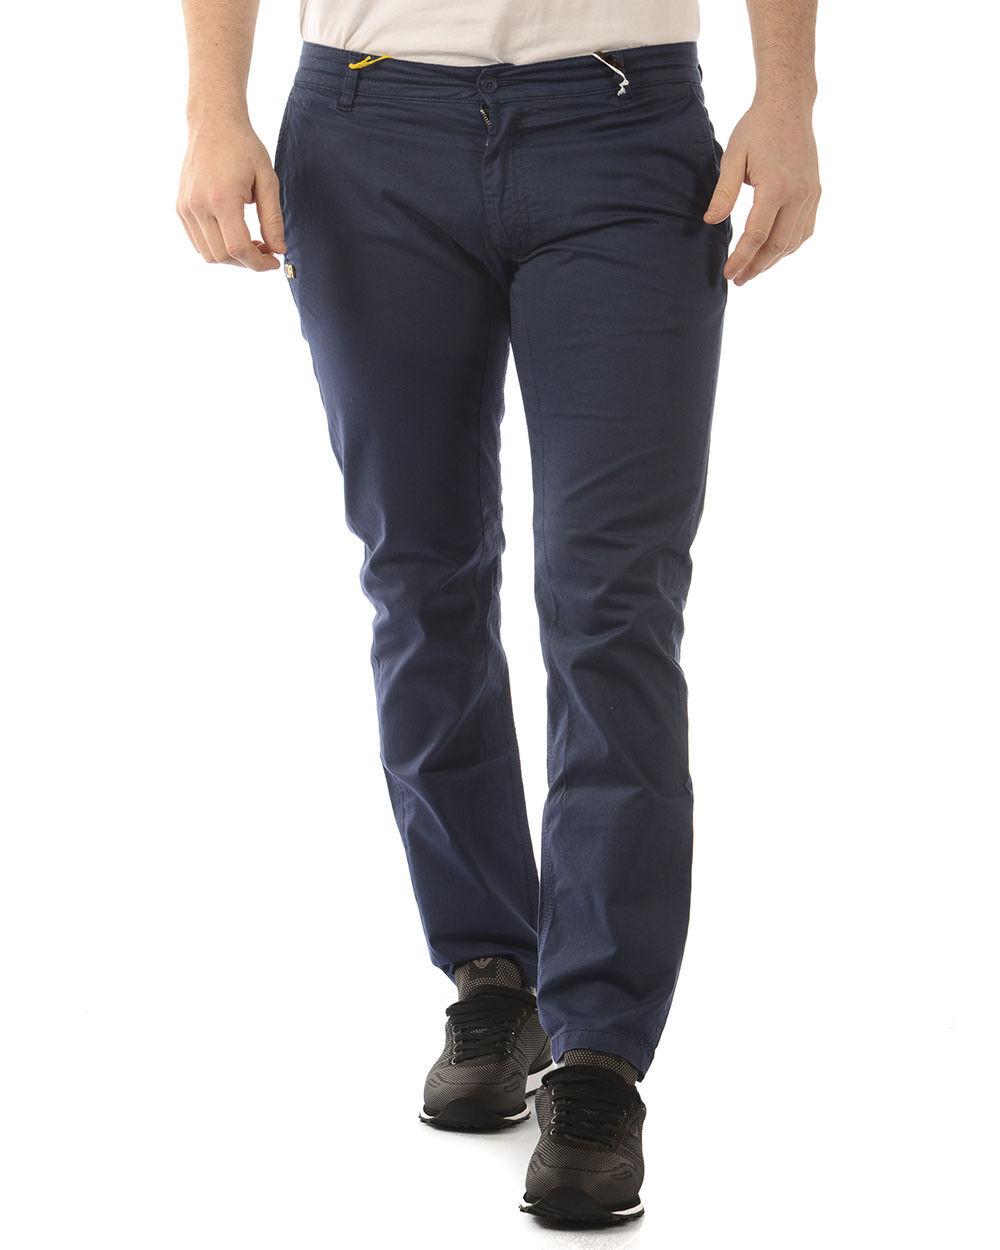 Pantaloni Daniele Alessandrini Jeans Trouser Cotone men blue PJ9001L1003731 23